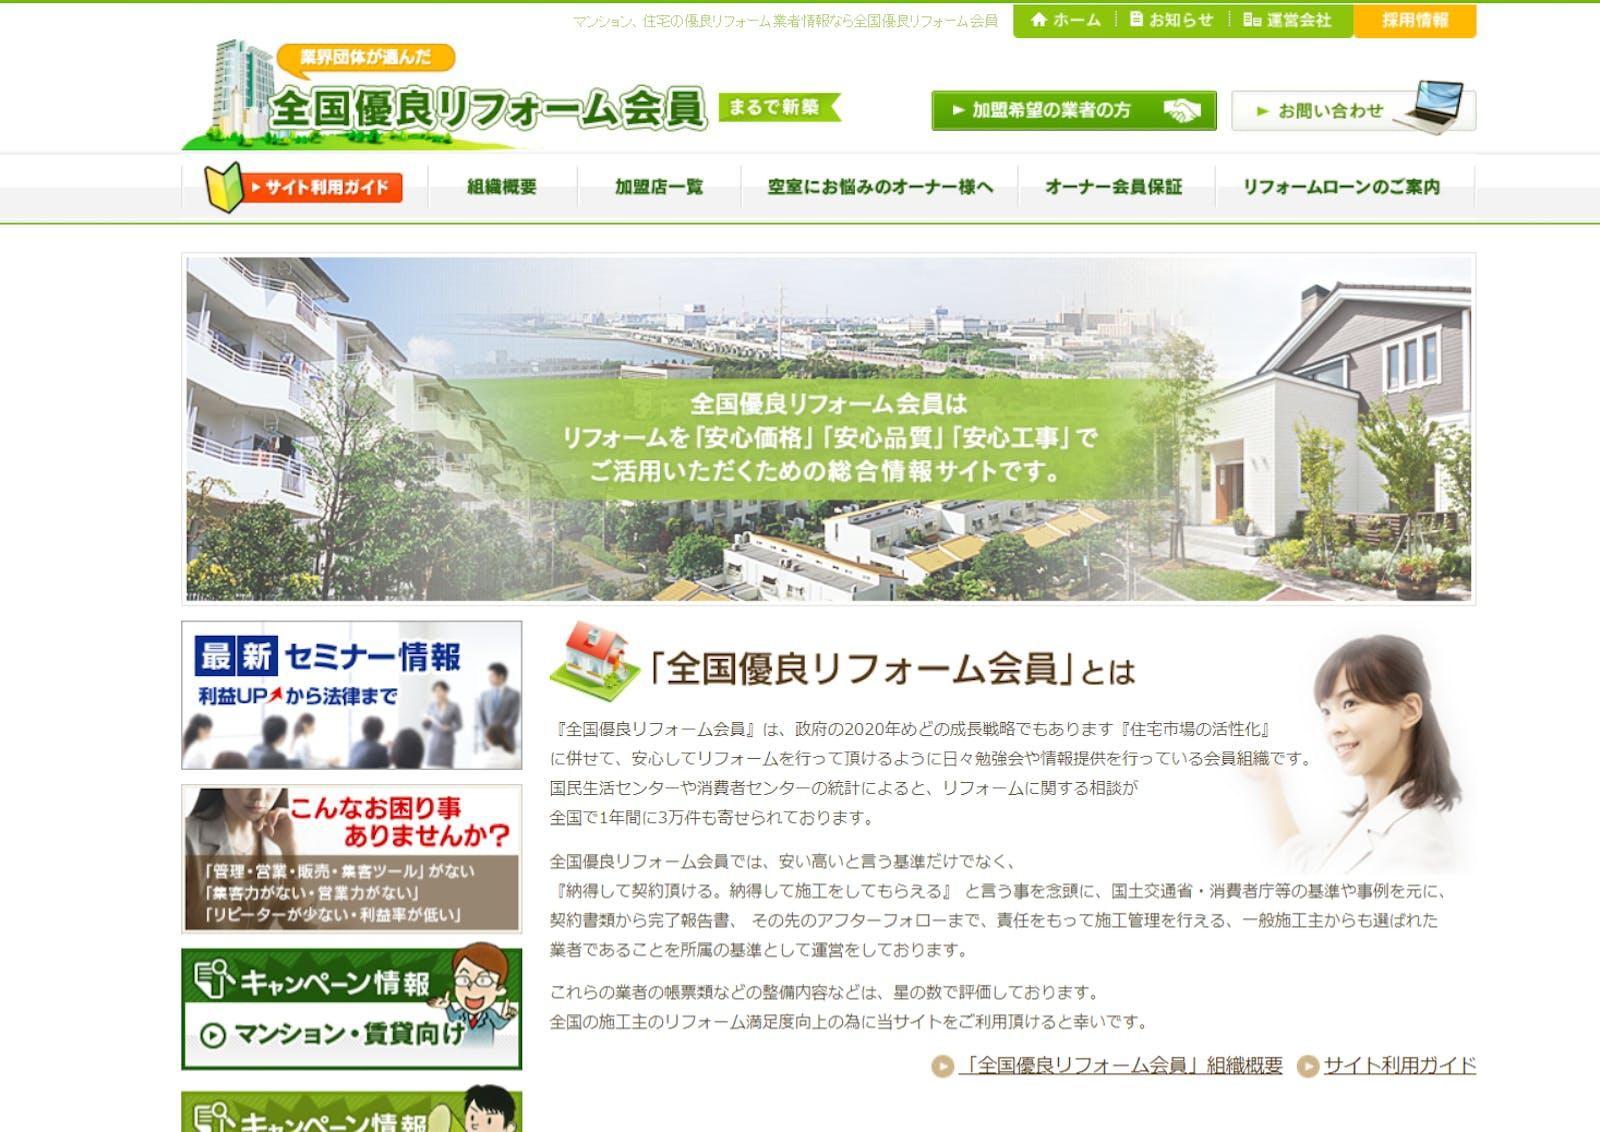 株式会社Colors Japanのアイキャッチ画像